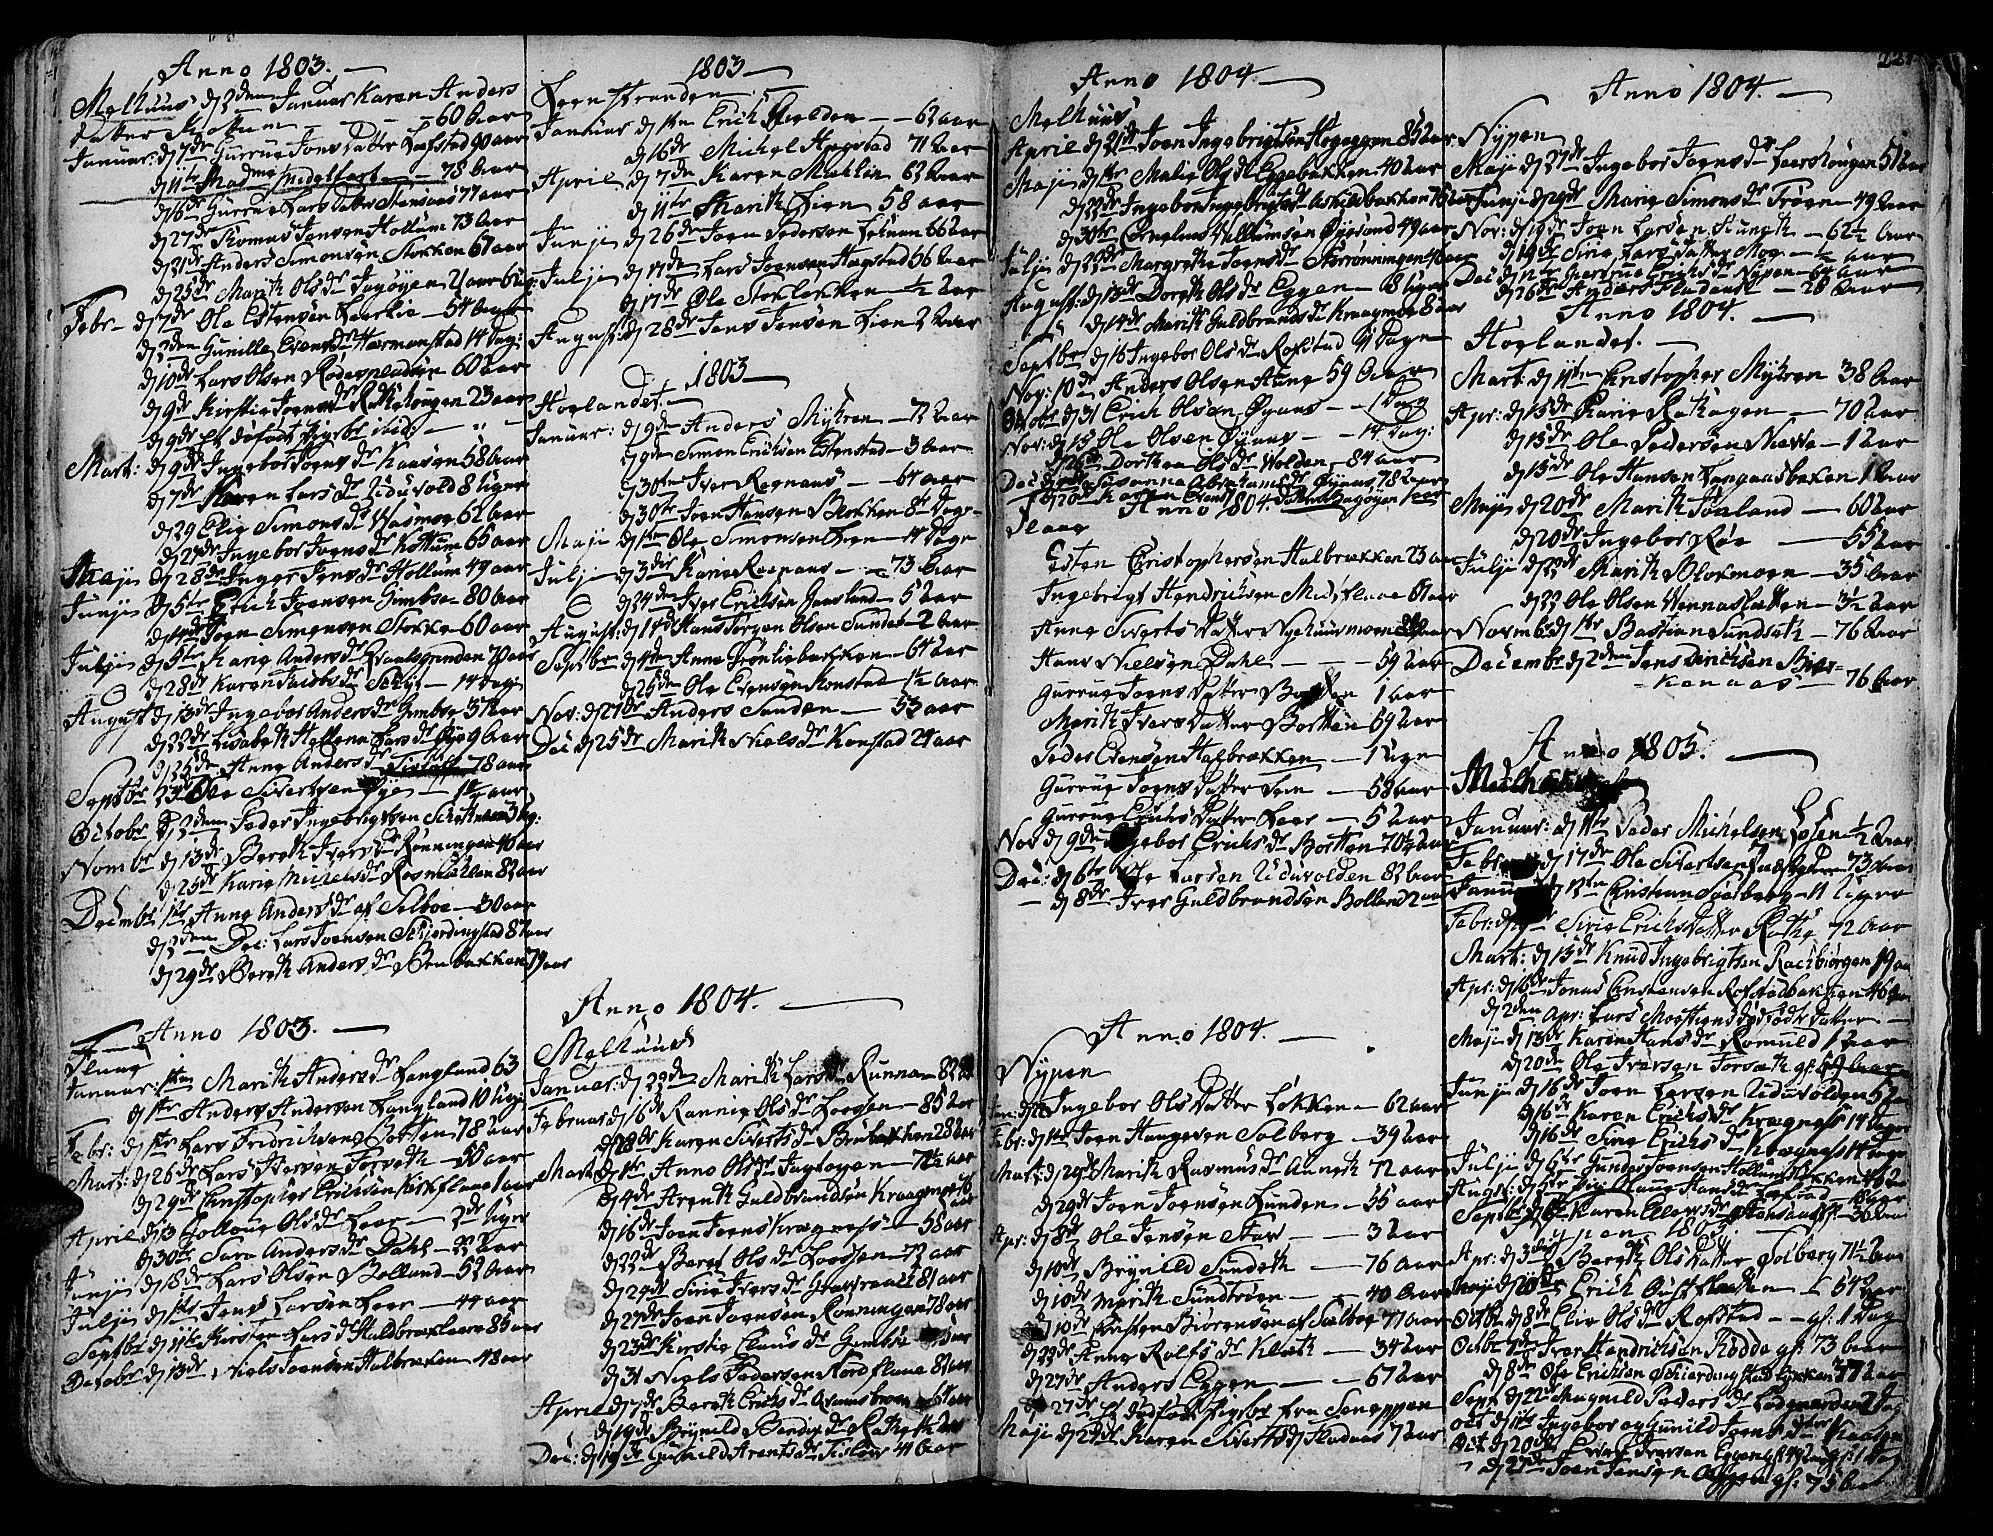 SAT, Ministerialprotokoller, klokkerbøker og fødselsregistre - Sør-Trøndelag, 691/L1061: Ministerialbok nr. 691A02 /1, 1768-1815, s. 221